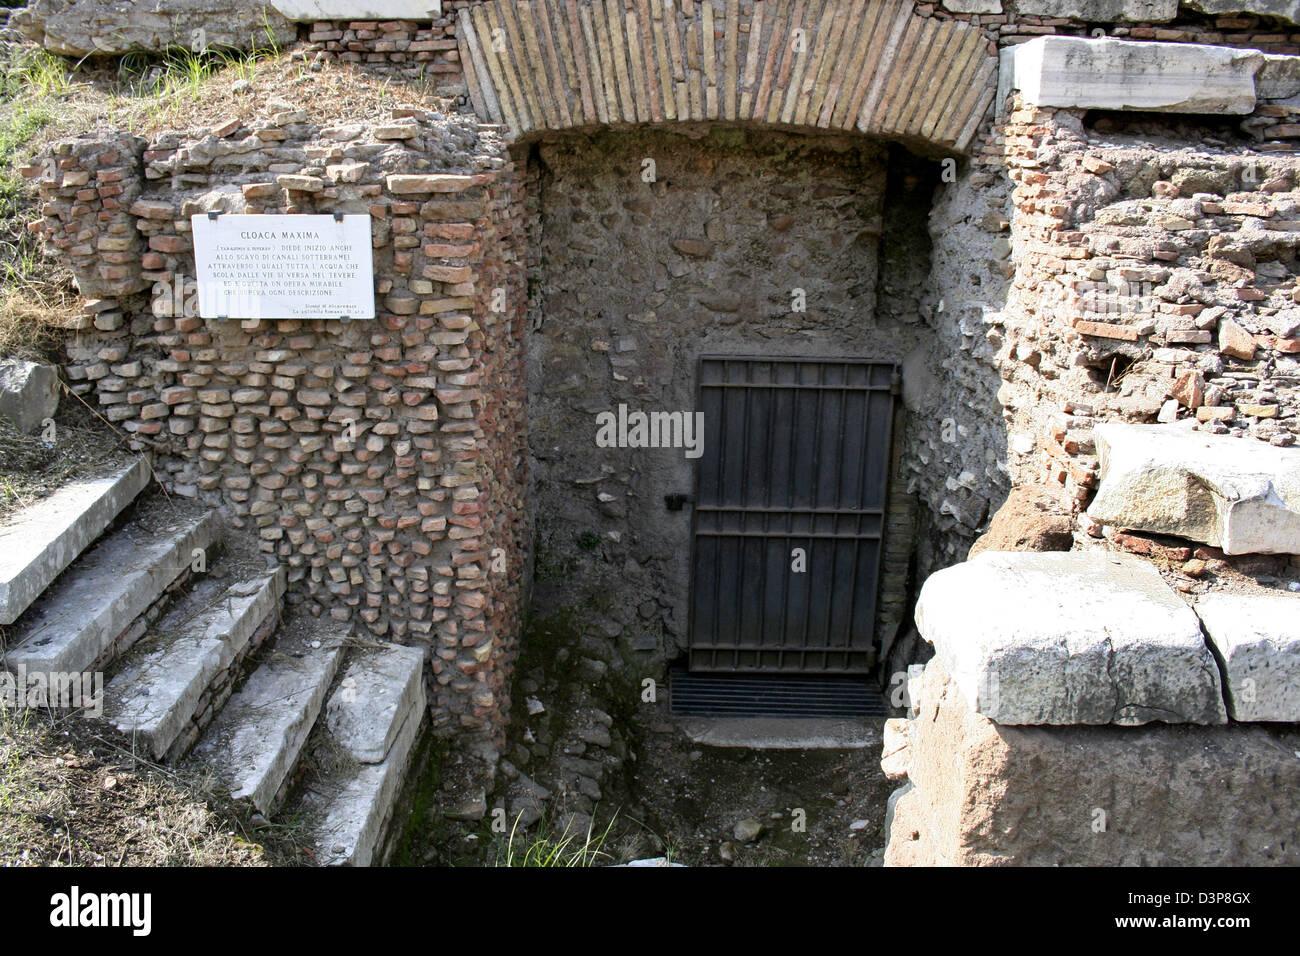 Italy Rome Cloaca Maxima Stock Photos & Italy Rome Cloaca ...